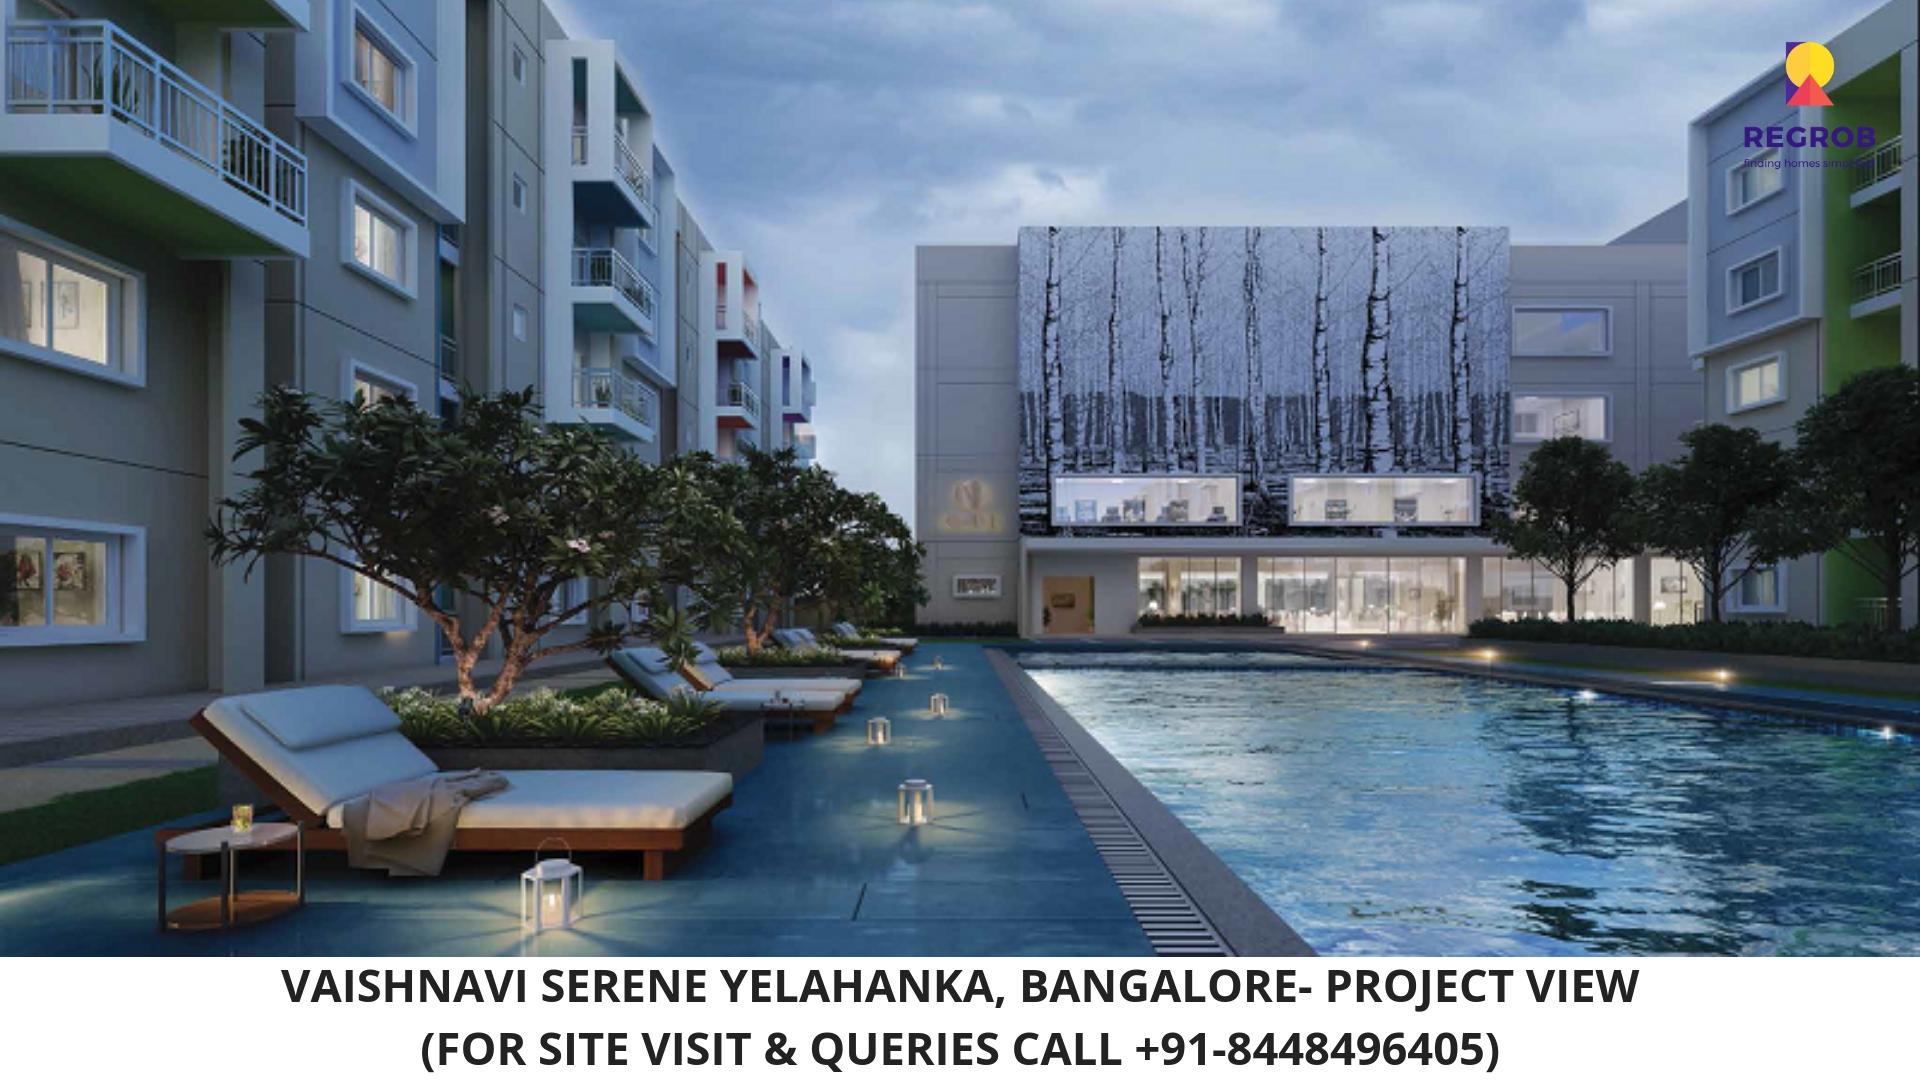 Vaishnavi Serene Yelahanka Bangalore